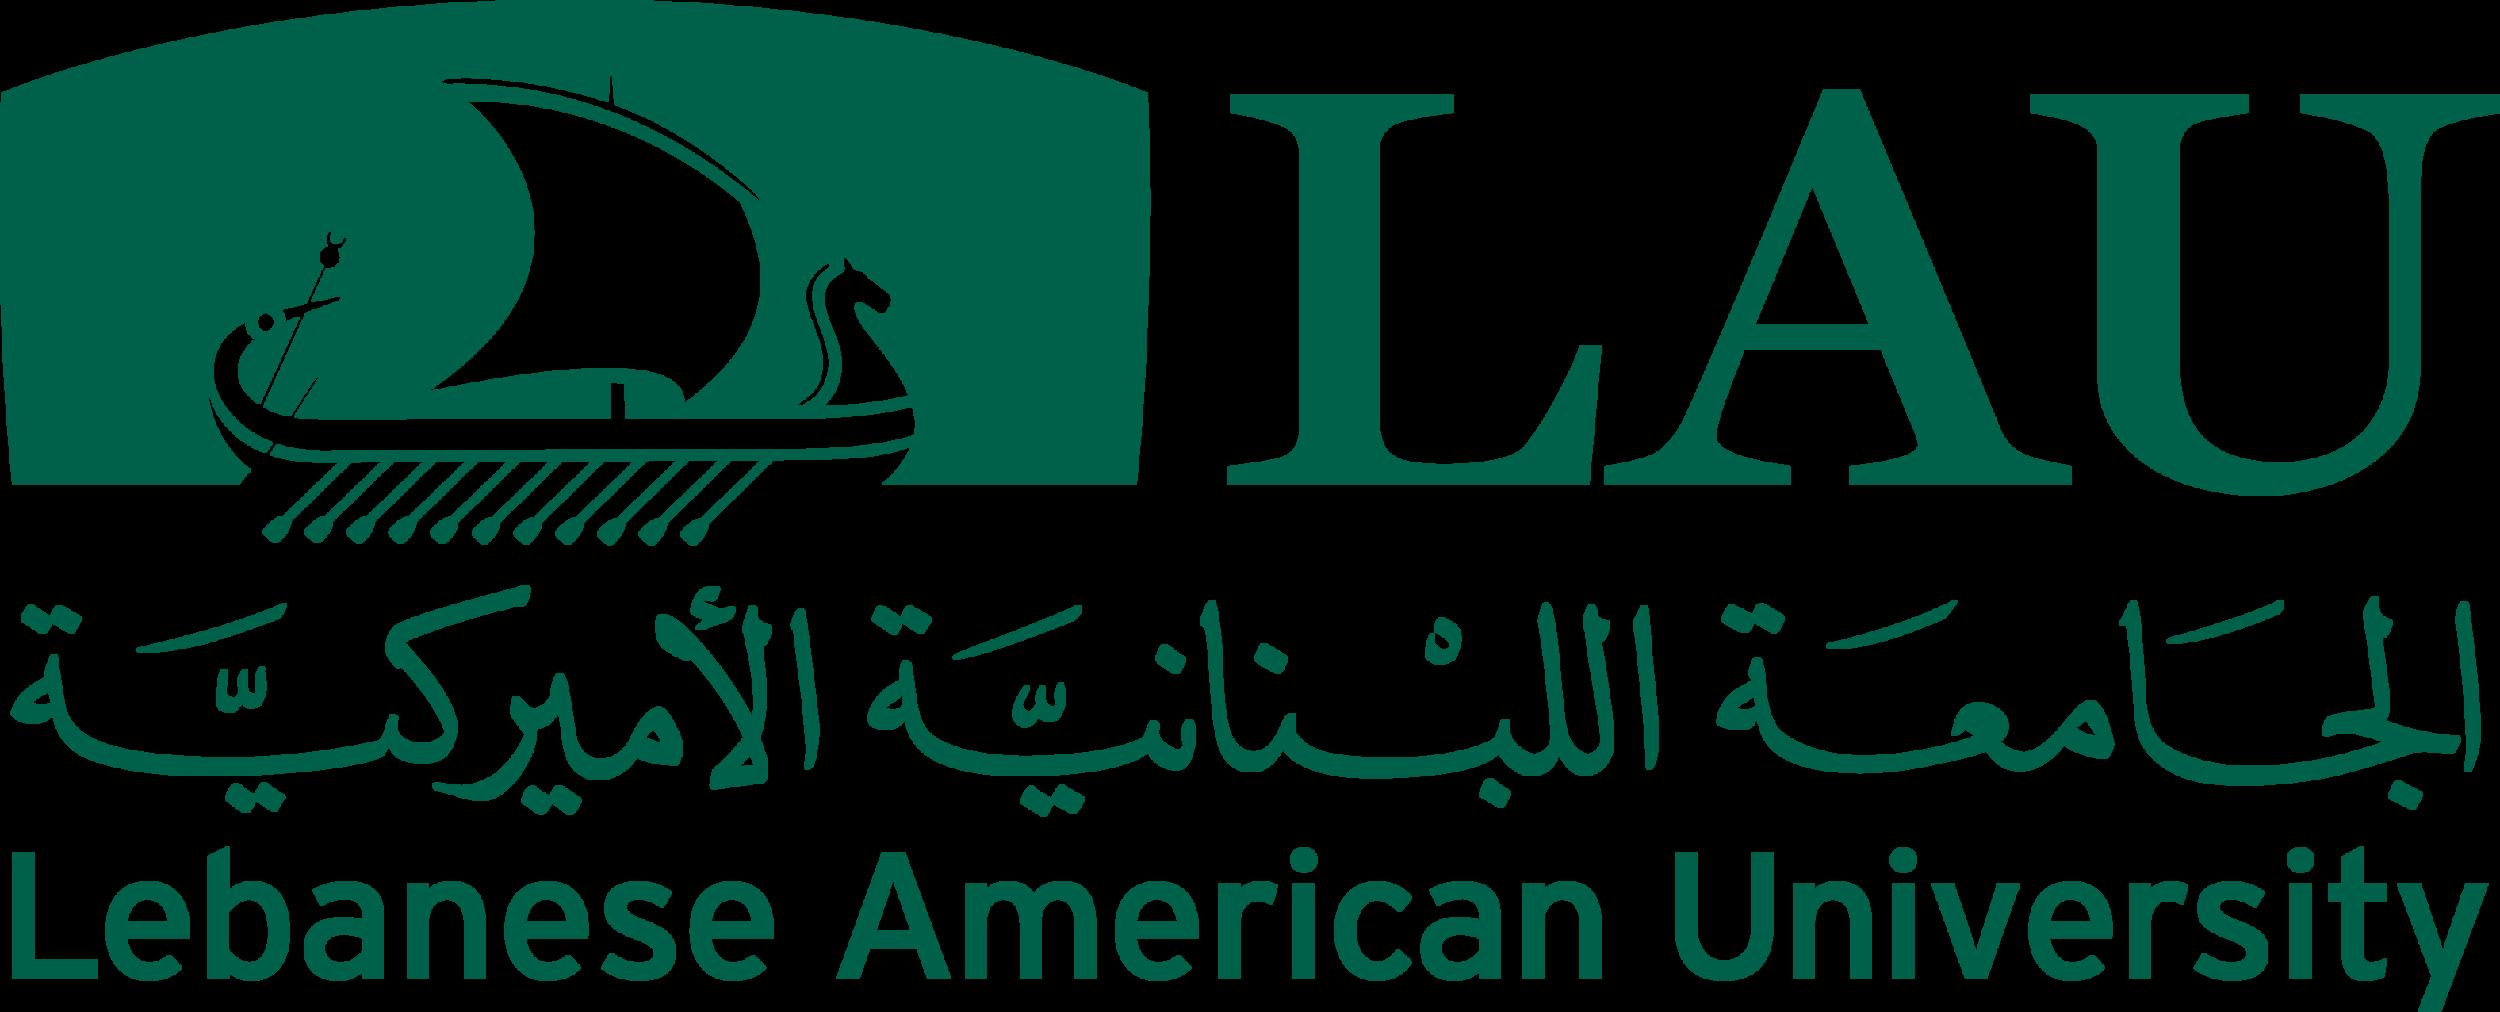 LAU-logo.png